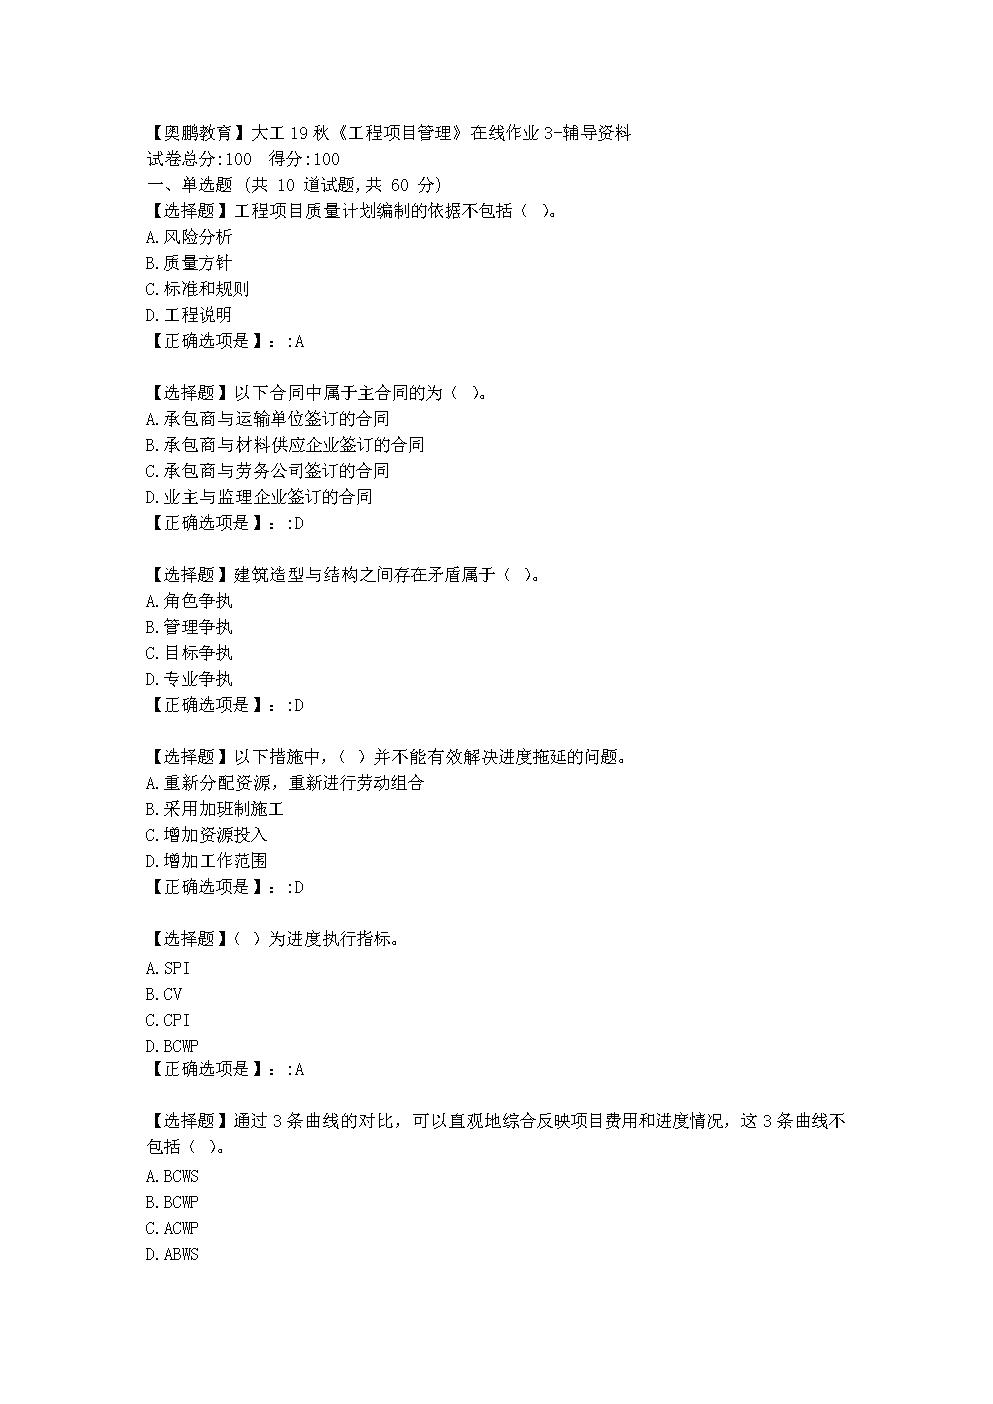 大连理工大学19秋《工程项目管理》在线作业3学习资料.doc